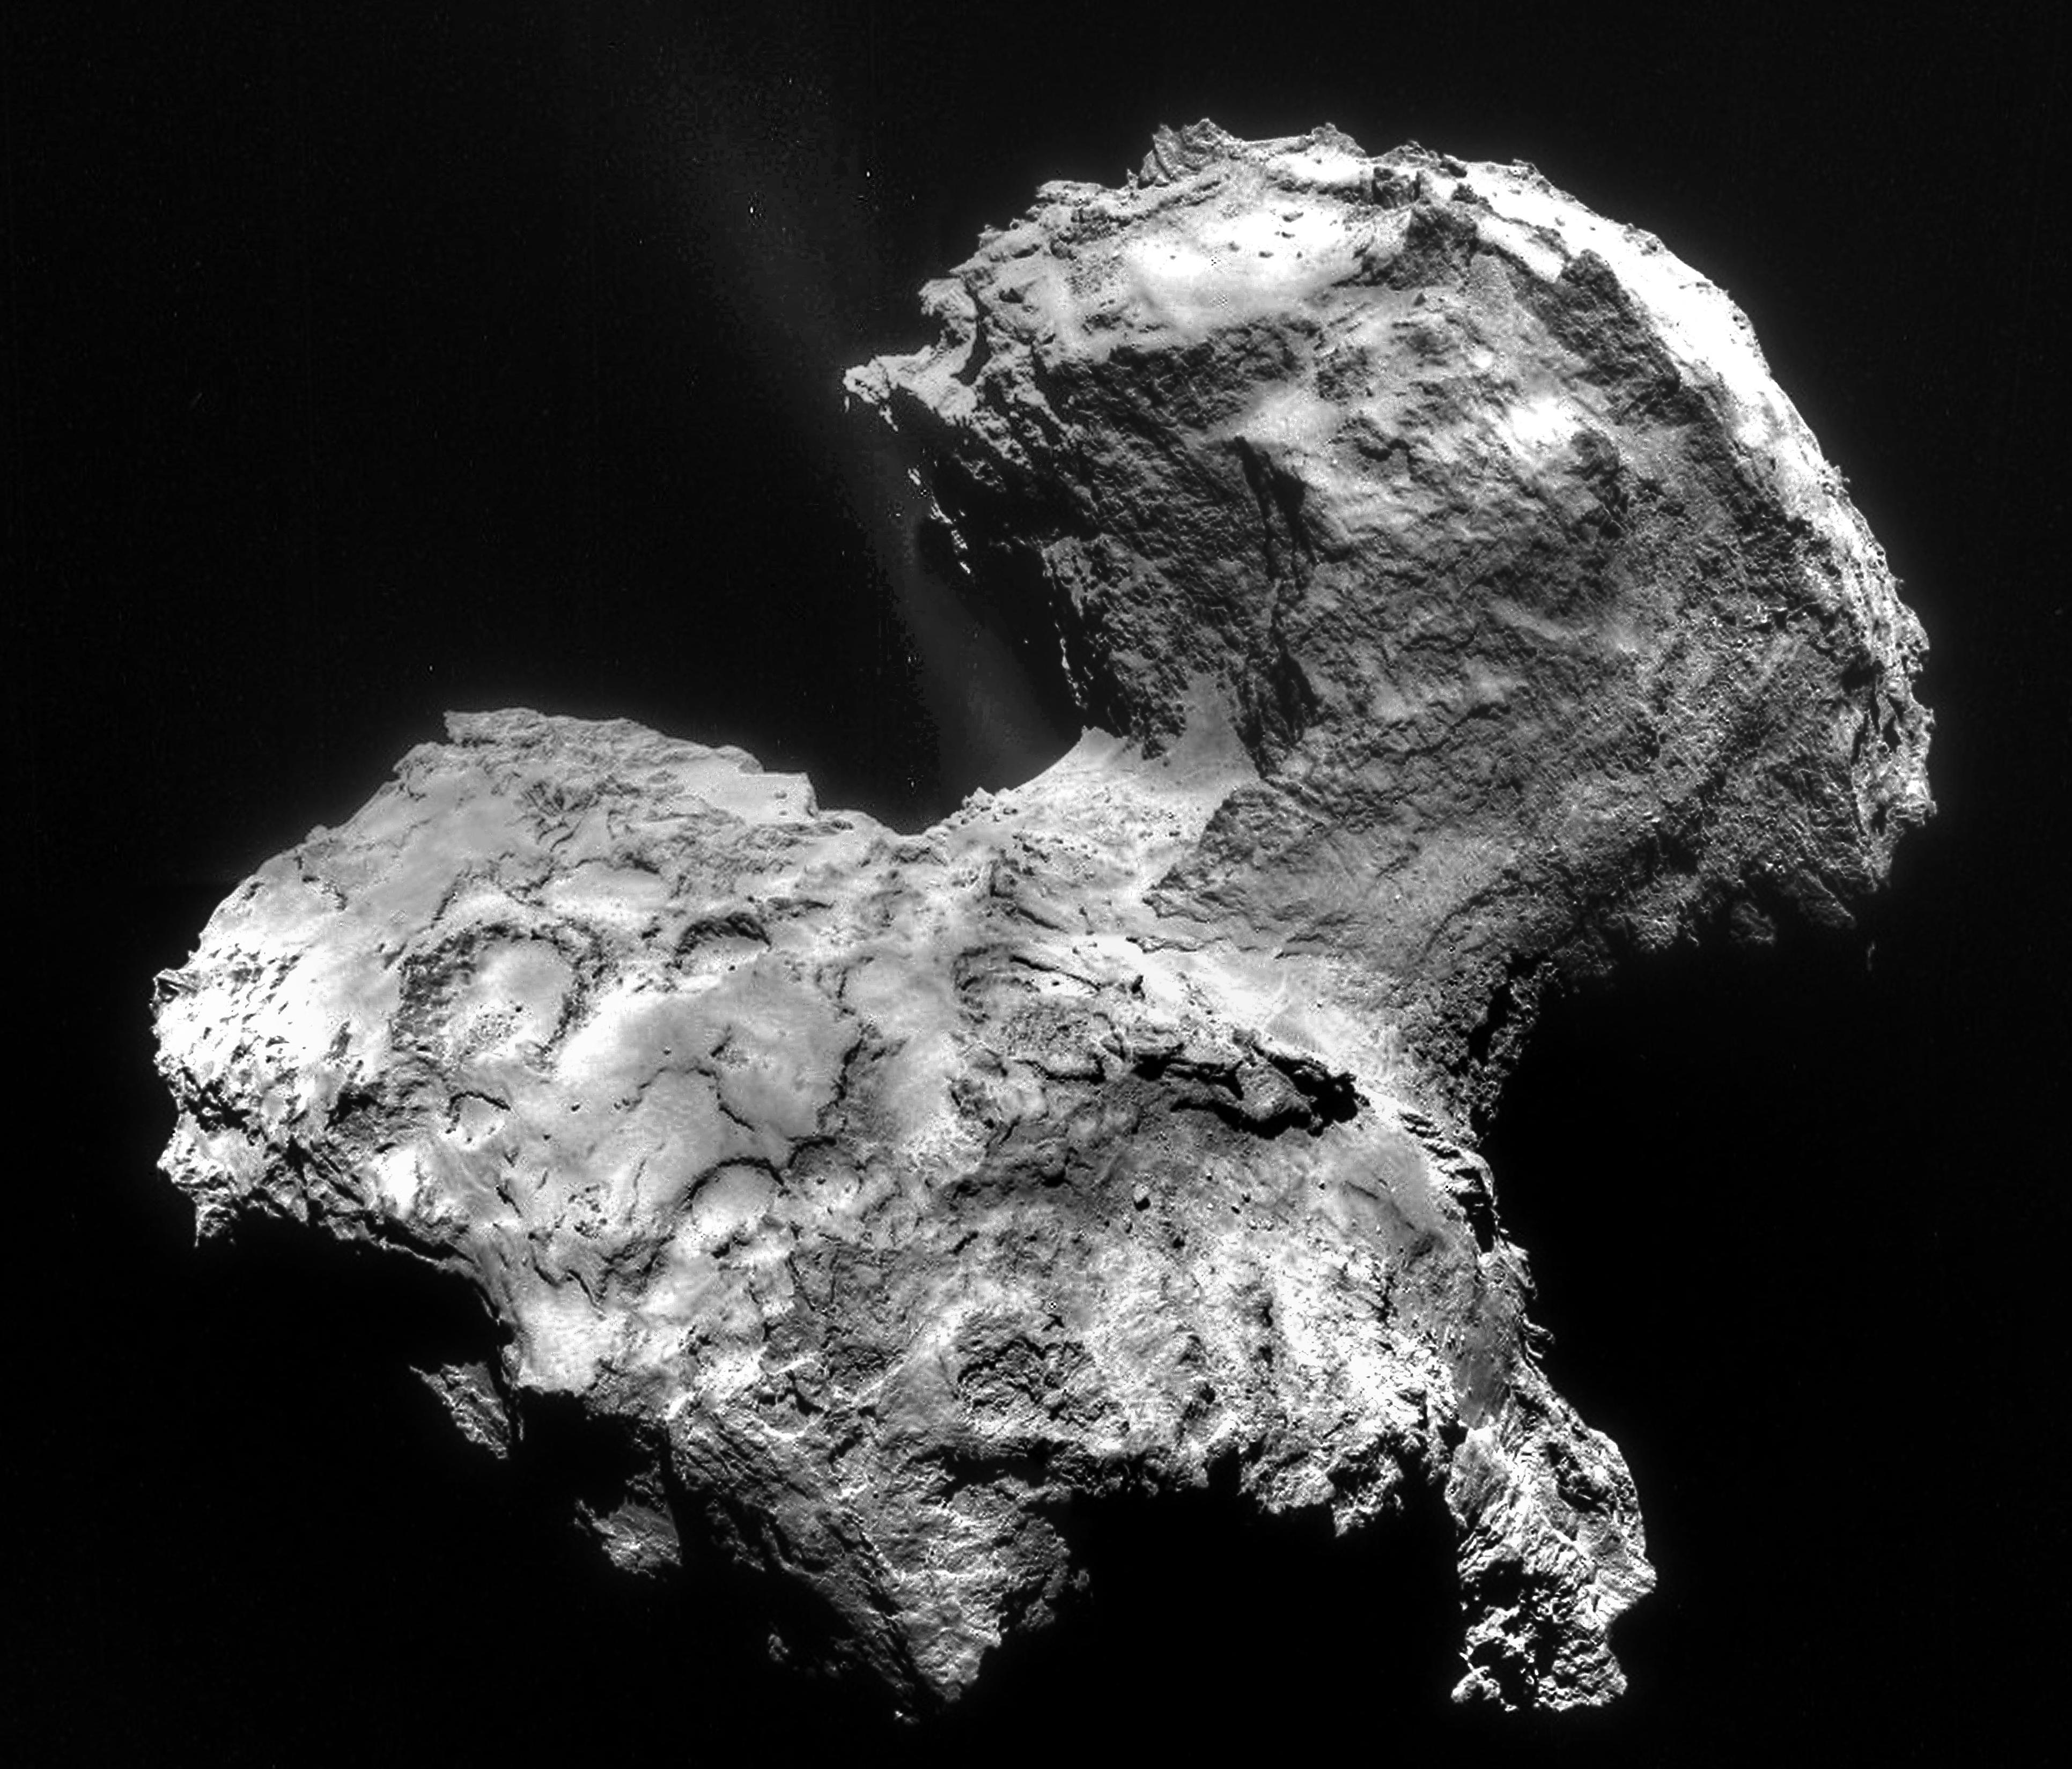 Les meilleures images de Rosetta avant l'atterrissage de ... Rosetta